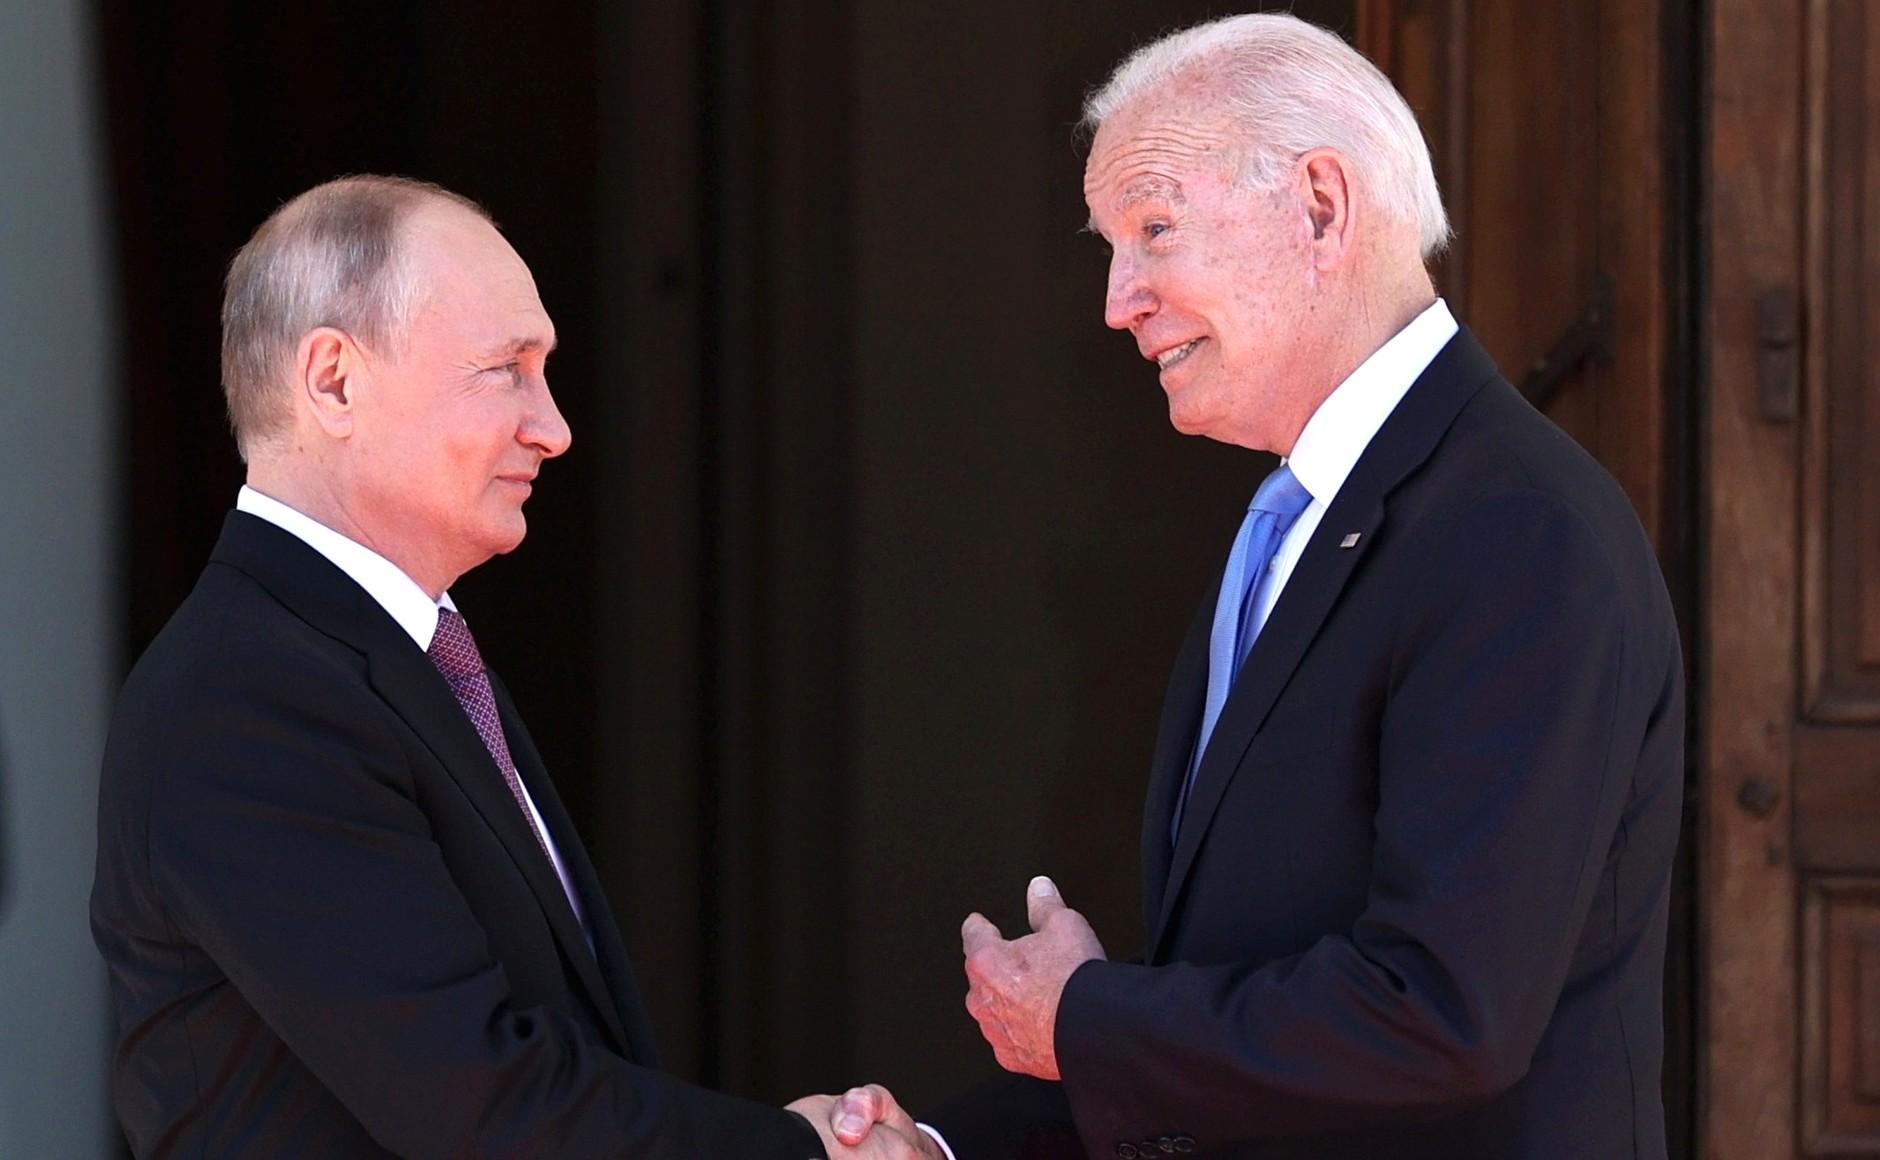 RUSSIE USA 7 X 16 Avec le président des États-Unis d'Amérique Joseph Biden avant les pourparlers russo-américains. Photo TASS